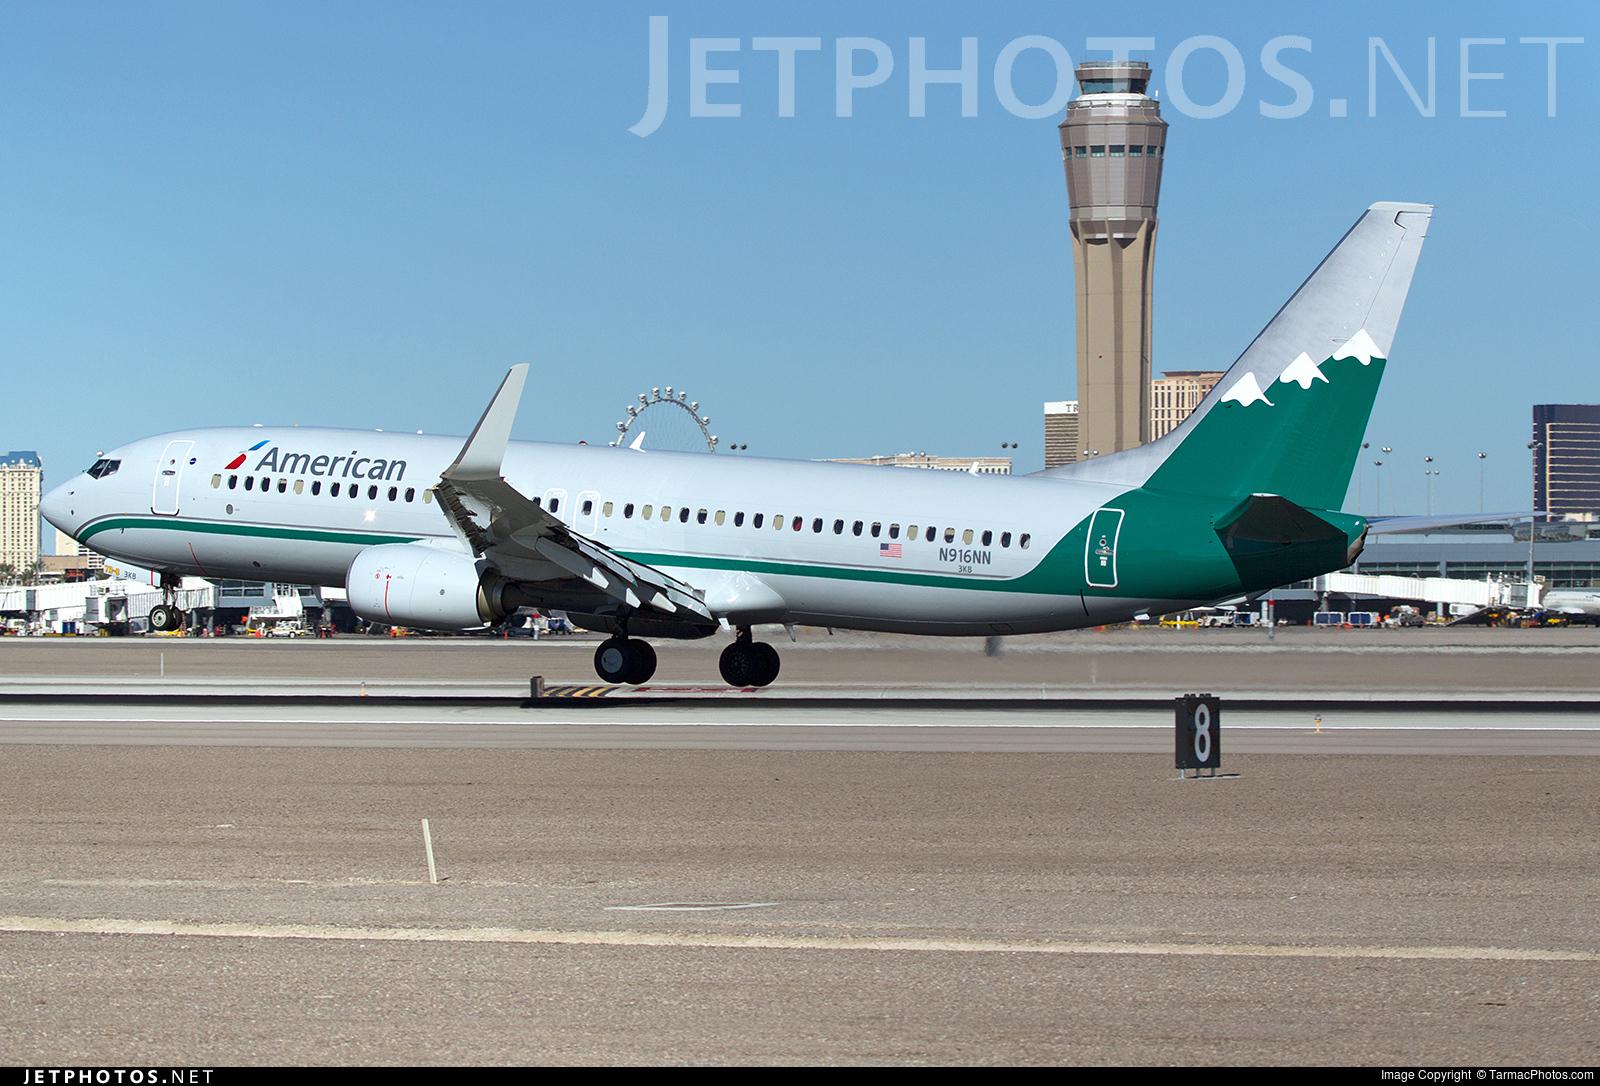 N916nn Boeing 737 823 American Airlines Tarmacphotos